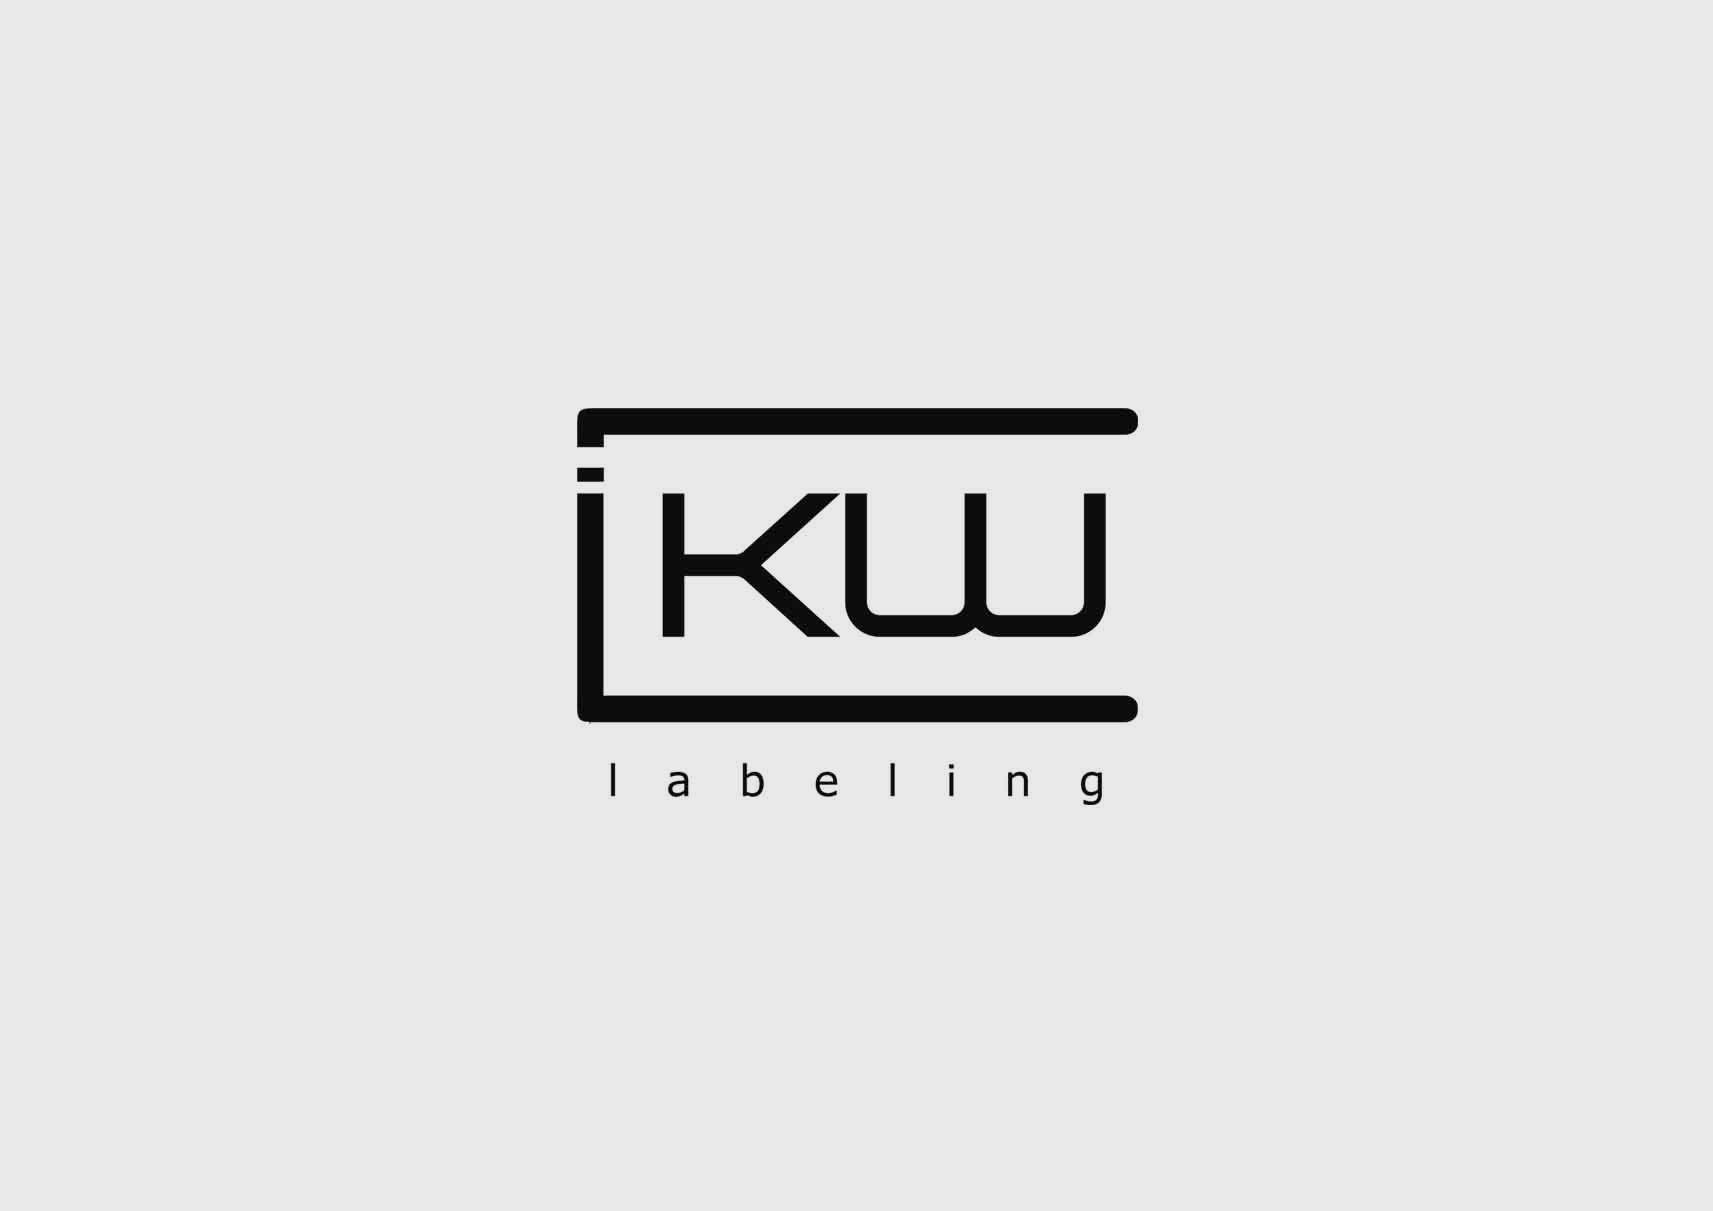 KW-Pokale & Schilder (KW labeling)